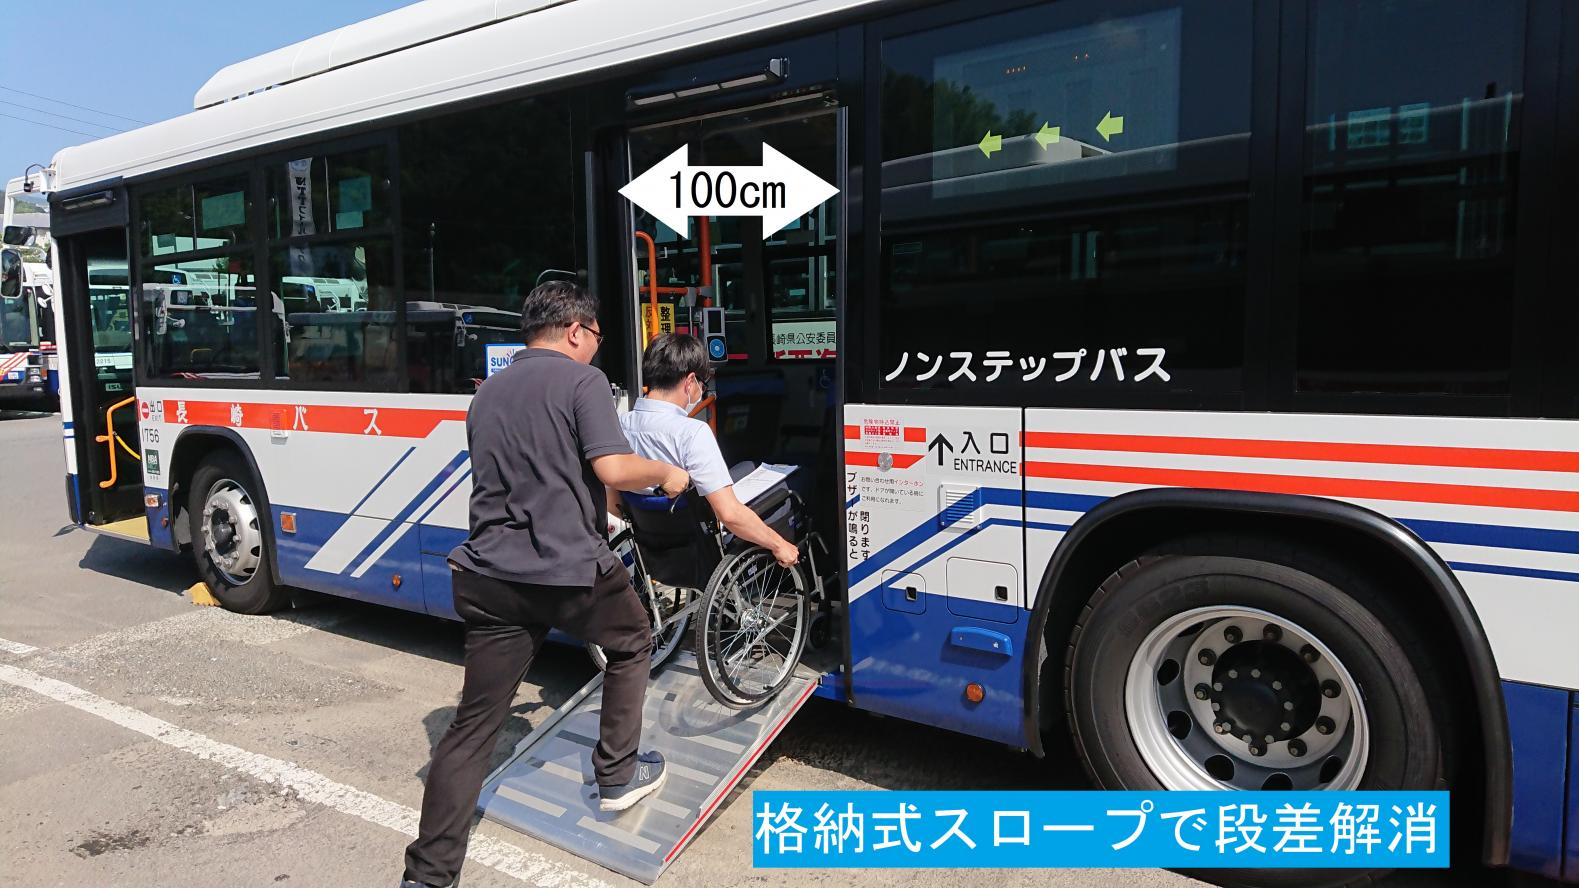 長崎バス 車両周辺のバリアフリー状況-1